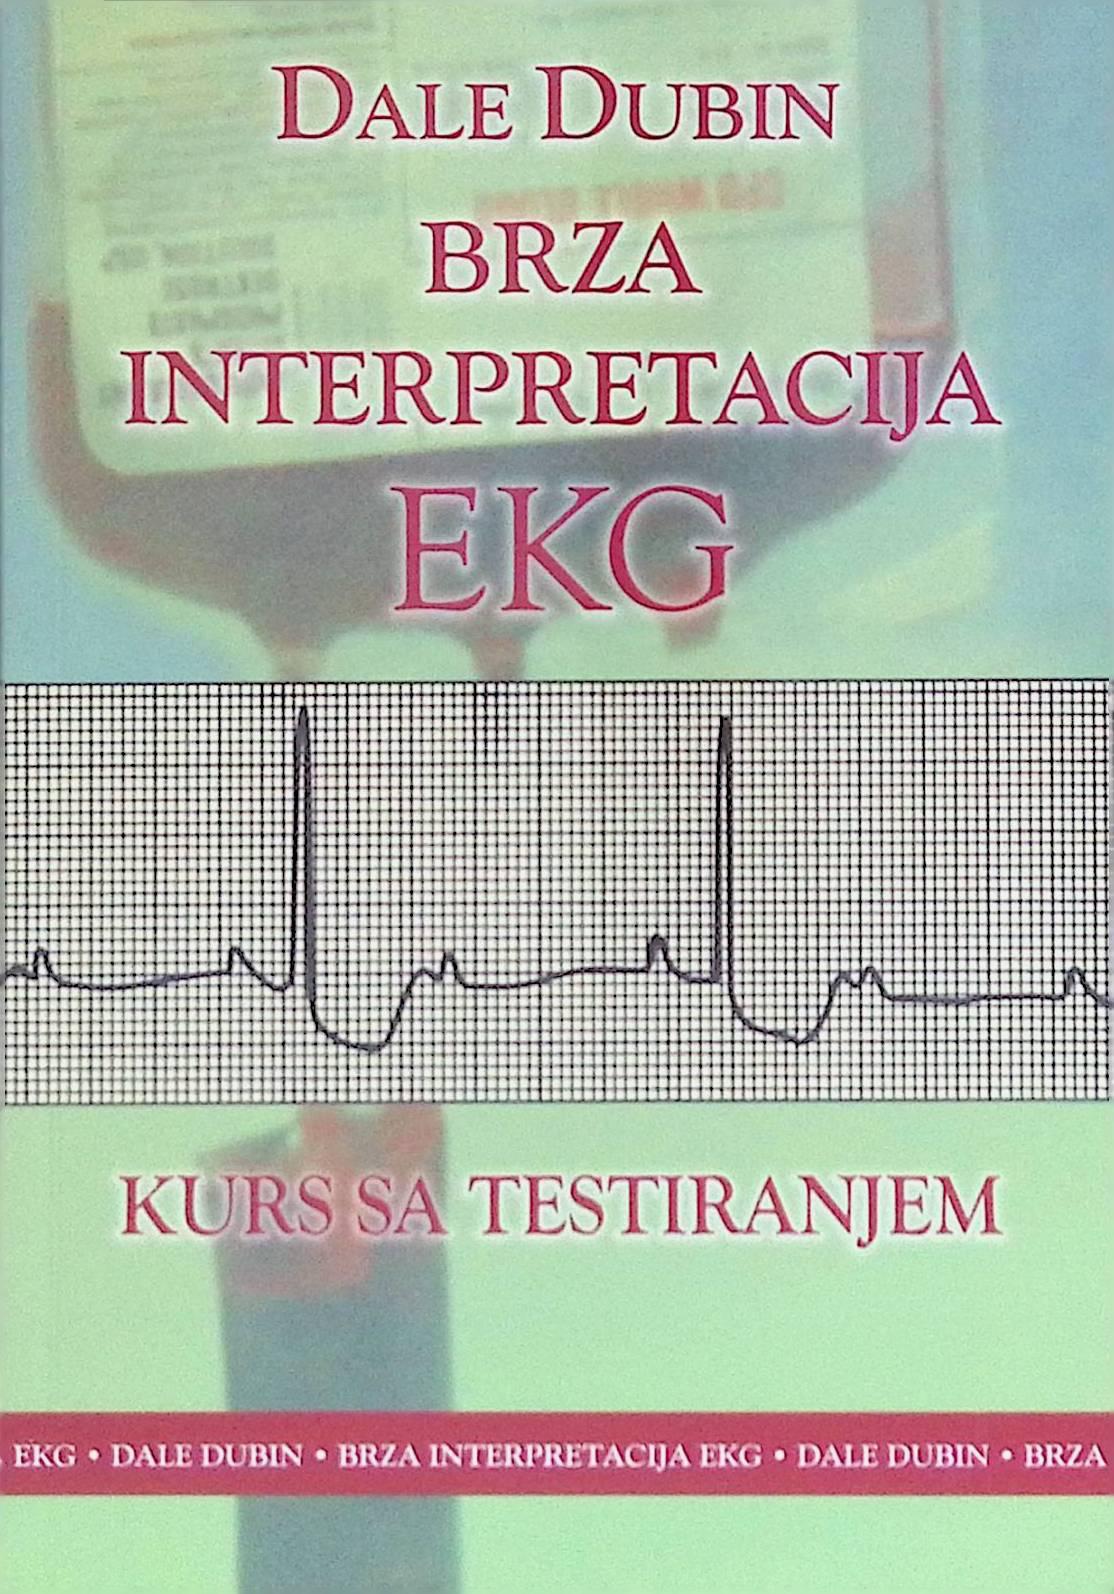 EKG brza interpretacija